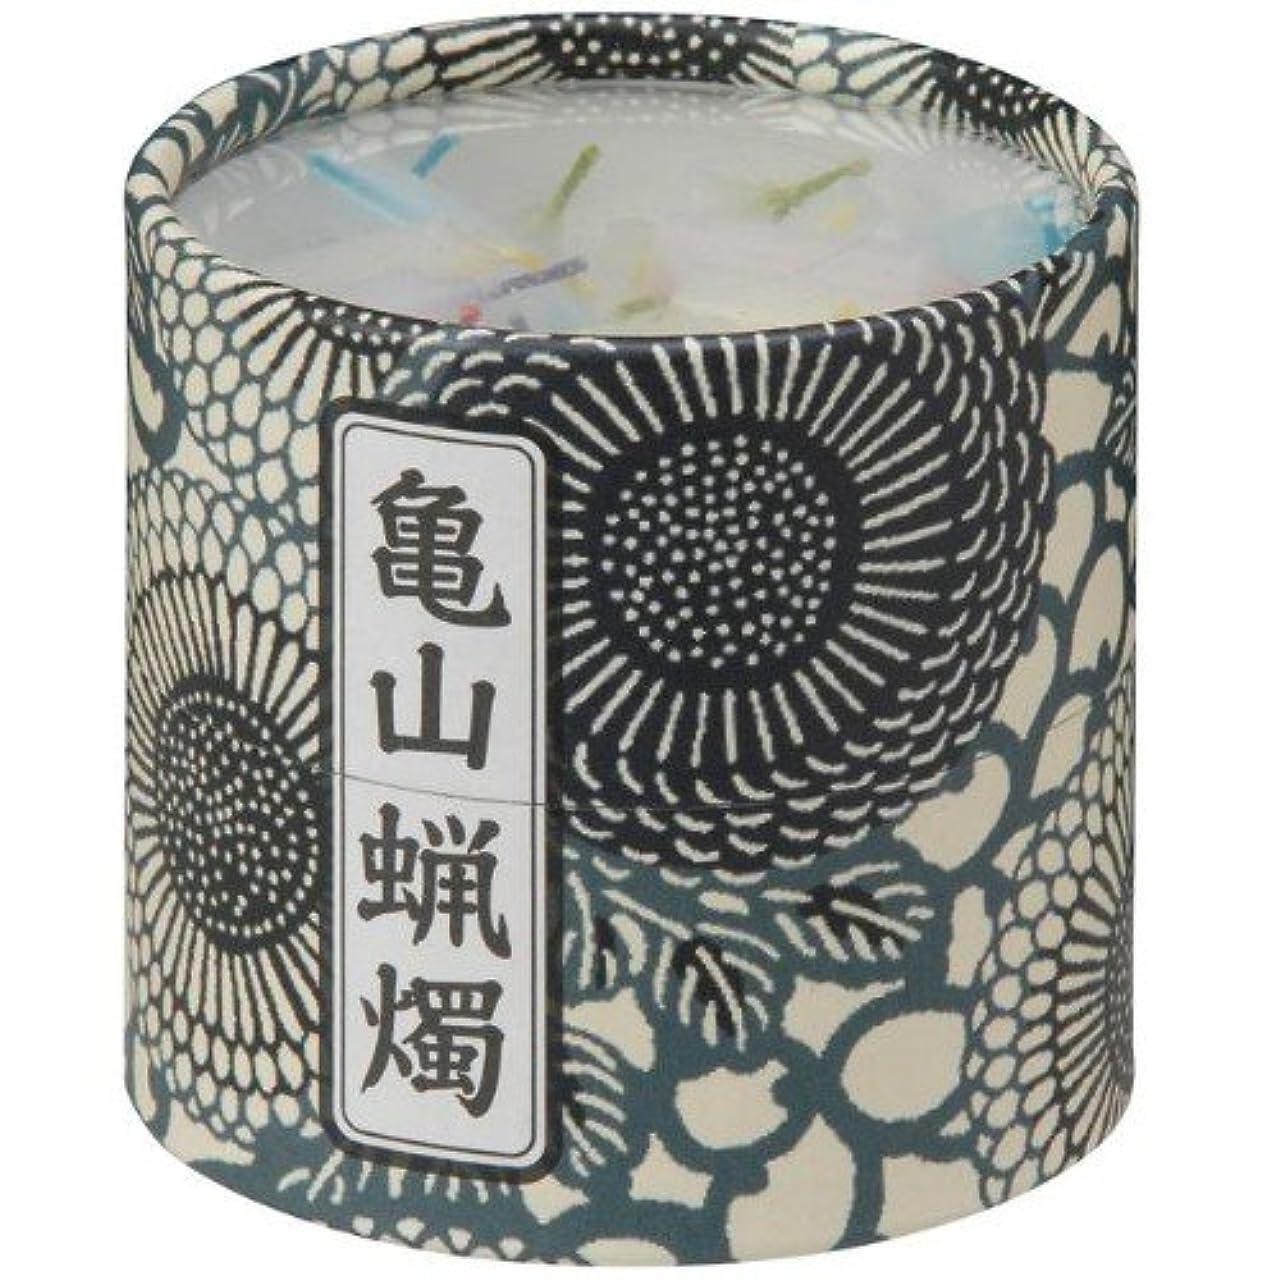 ブート再集計疑い亀山五色蝋燭(小) 約130本入り